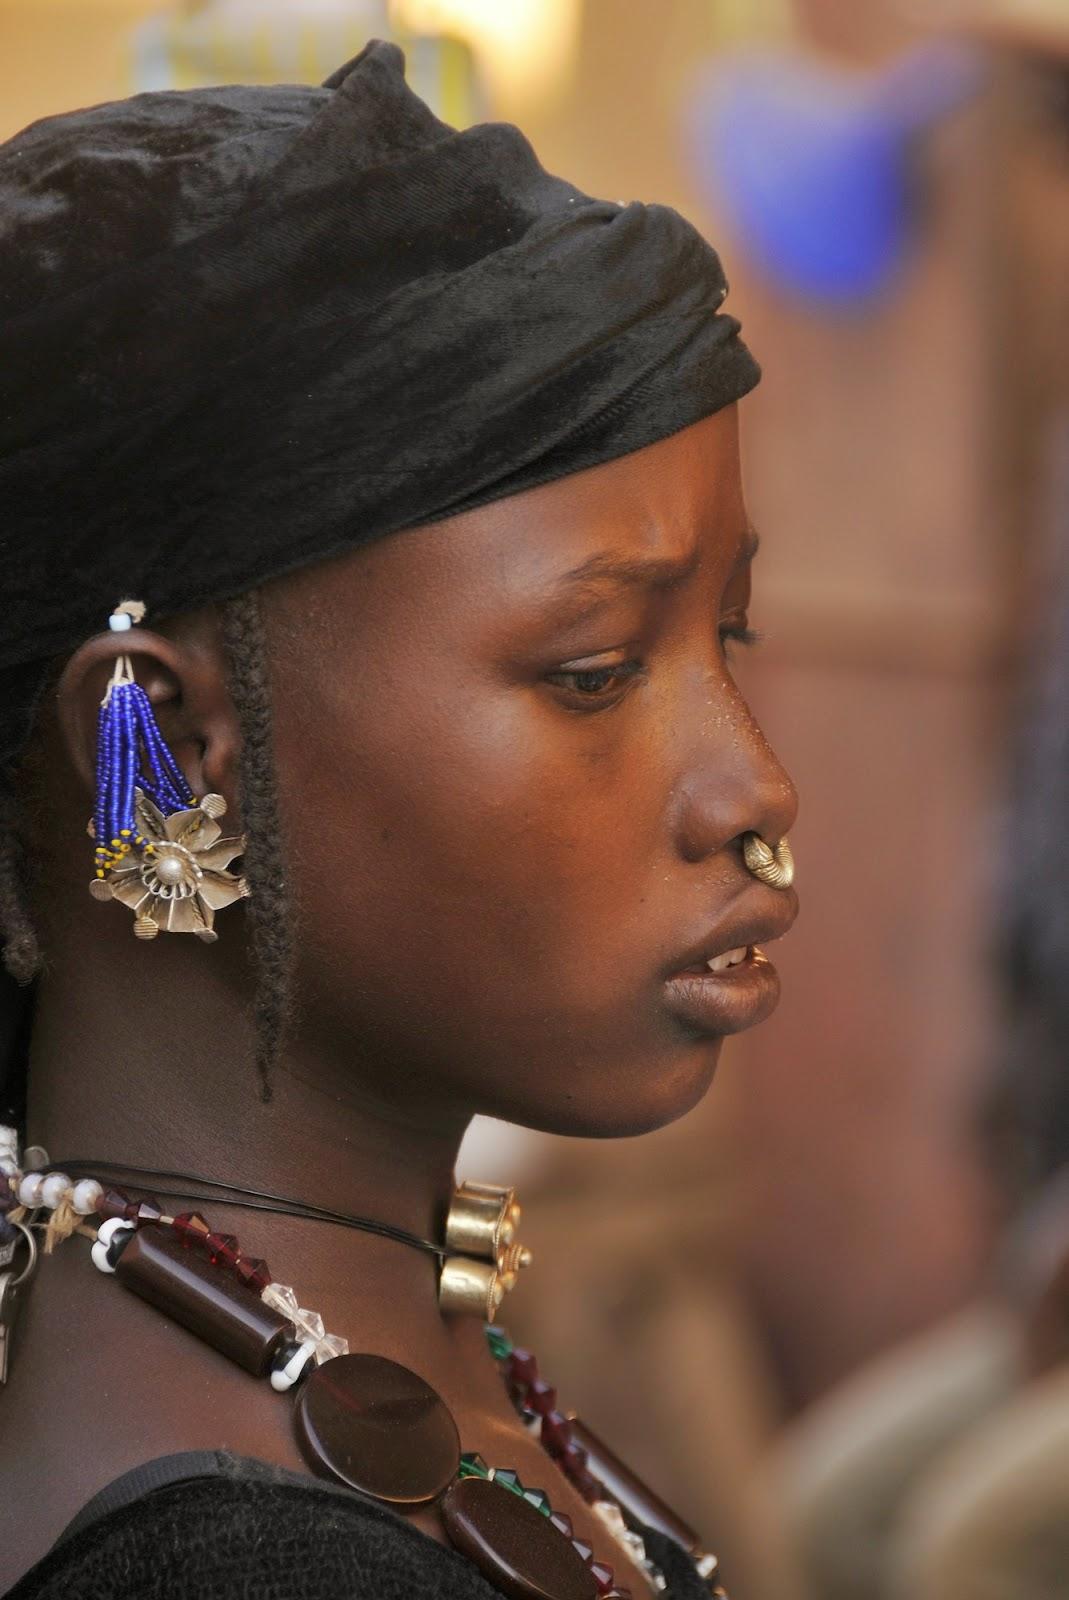 Afectos y emociones alrededor del mundo: las pasiones tribales.